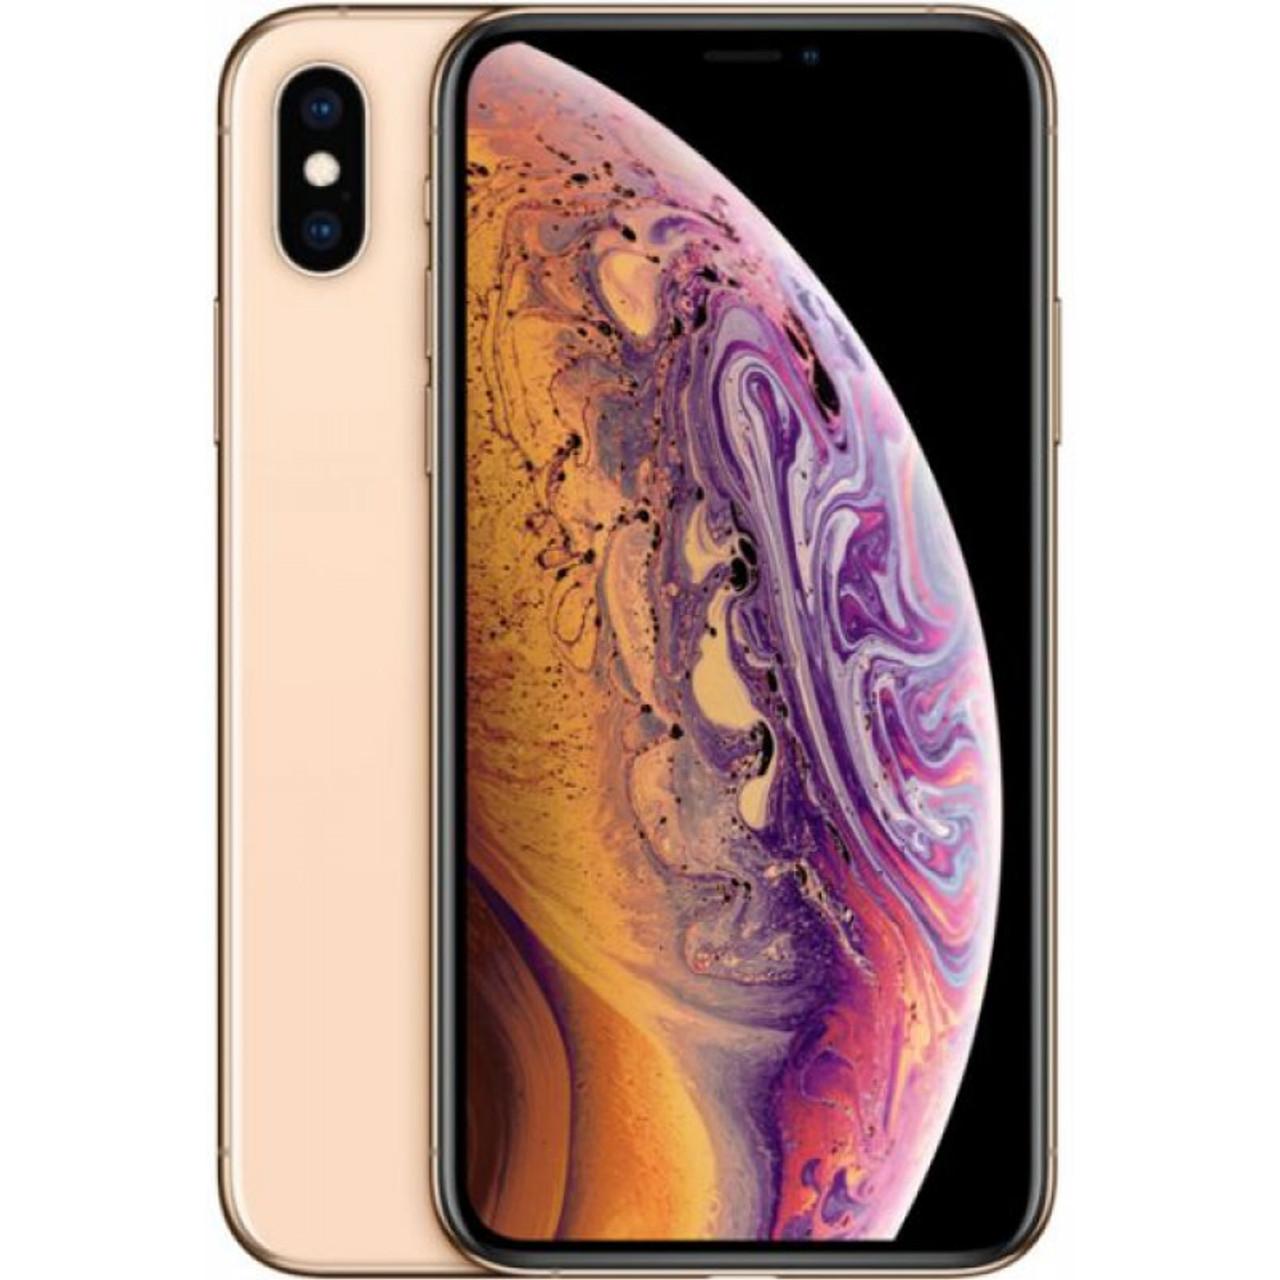 Apple Iphone Xs Max Att 256gb Gold Mt612lla Excellent Condition